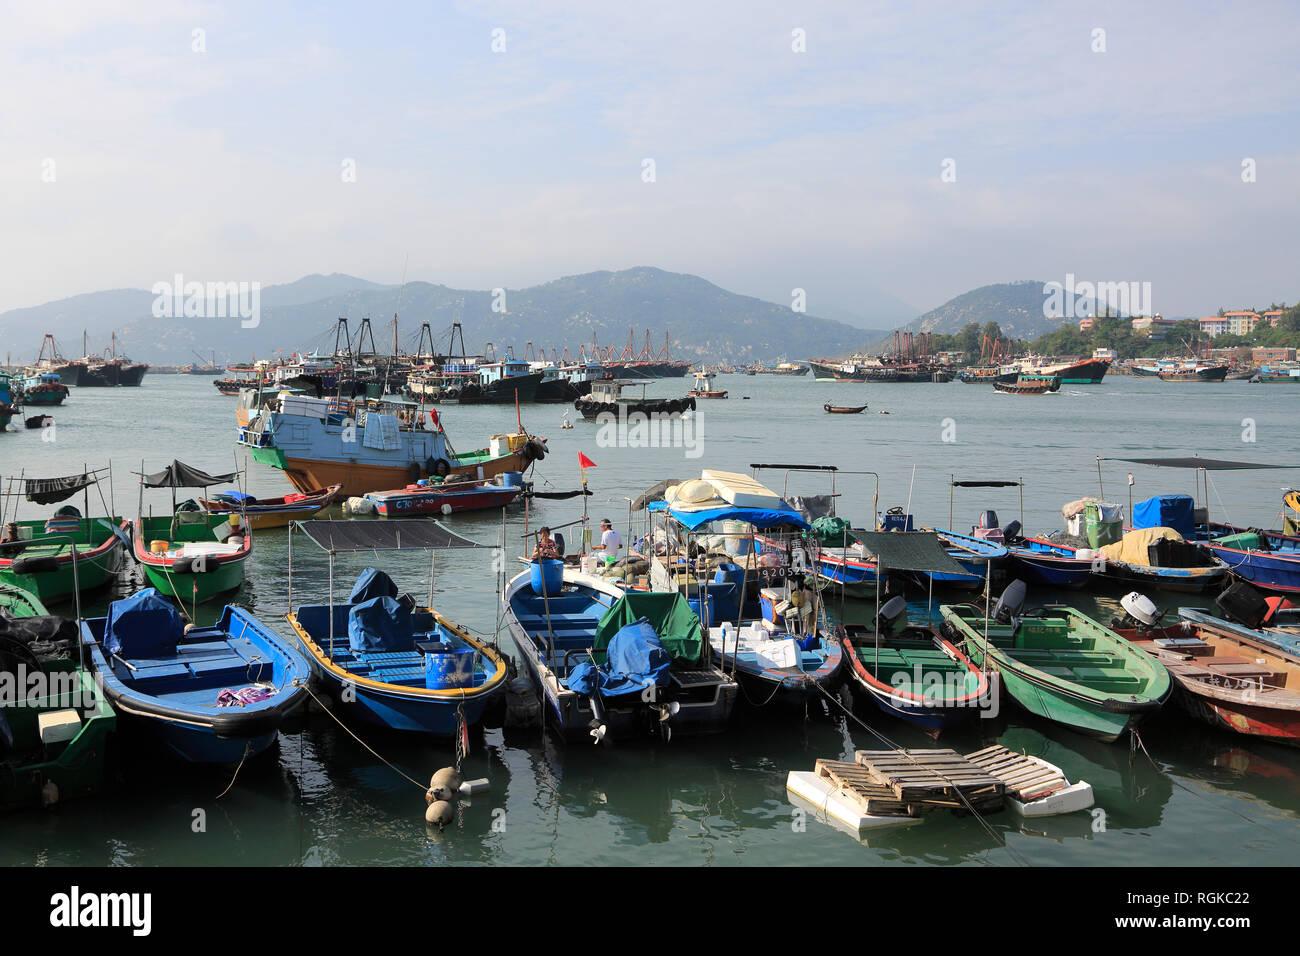 Cheung Chau Island, Harbor, Fishing Boats, Hong Kong, China, Asia - Stock Image